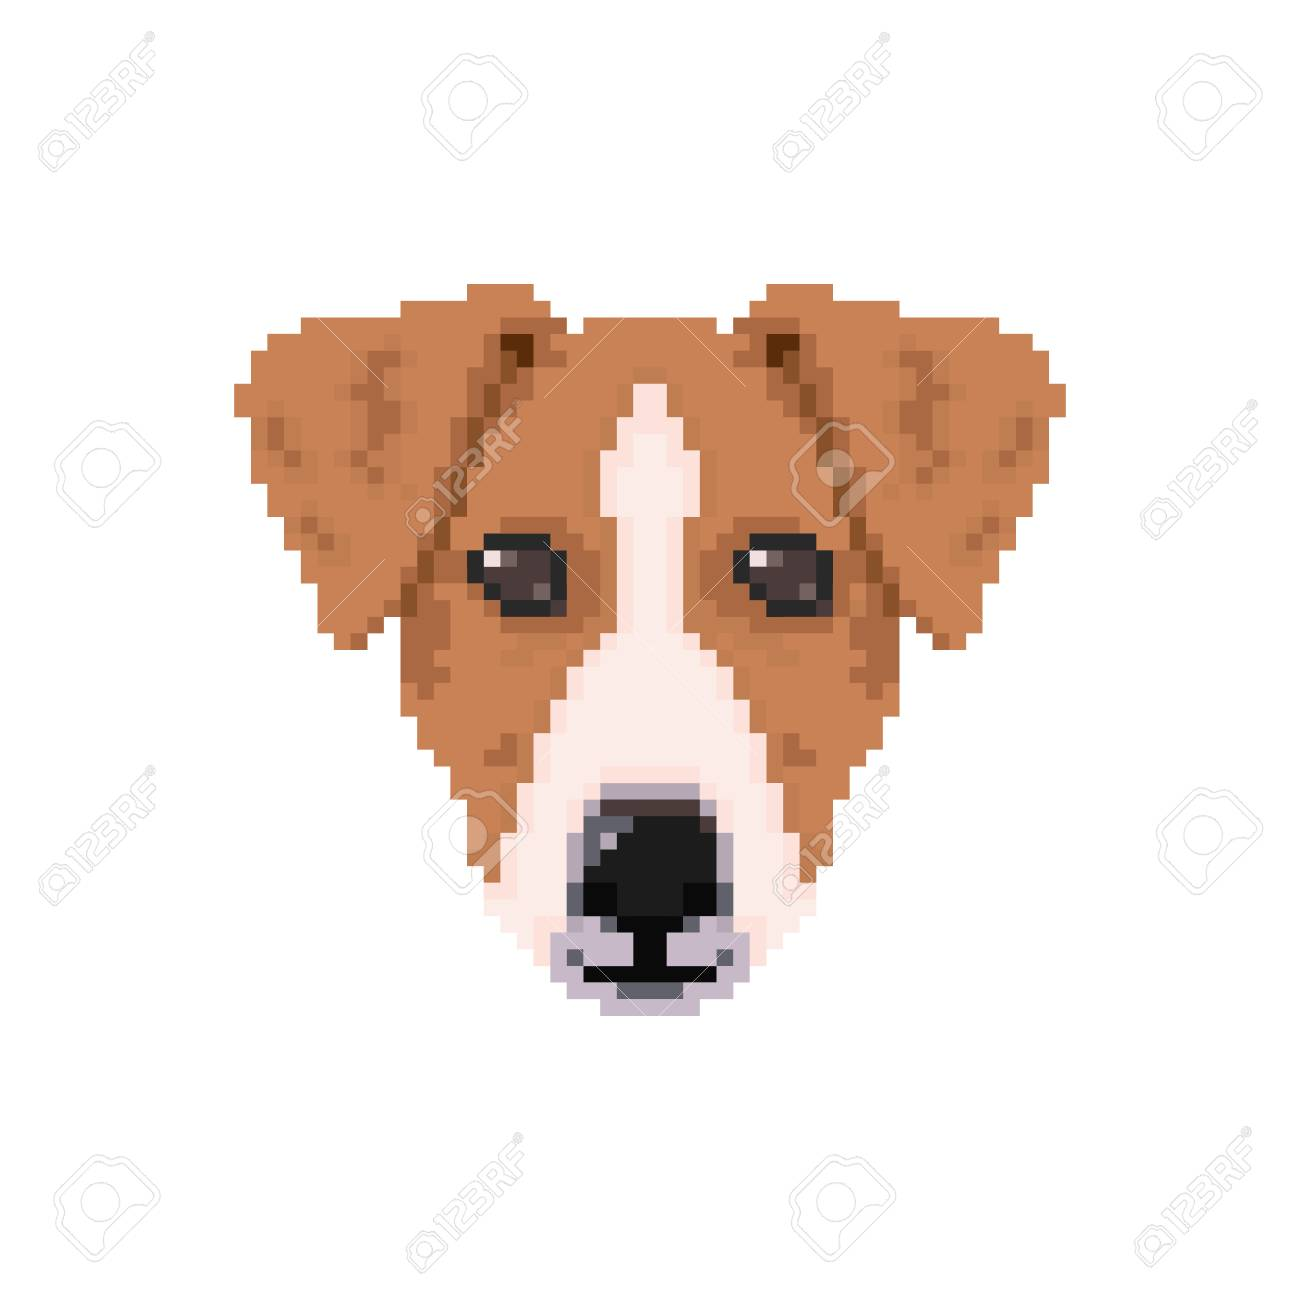 Tête De Chien Jack Russell Dans Le Style Pixel Art Illustration Vectorielle